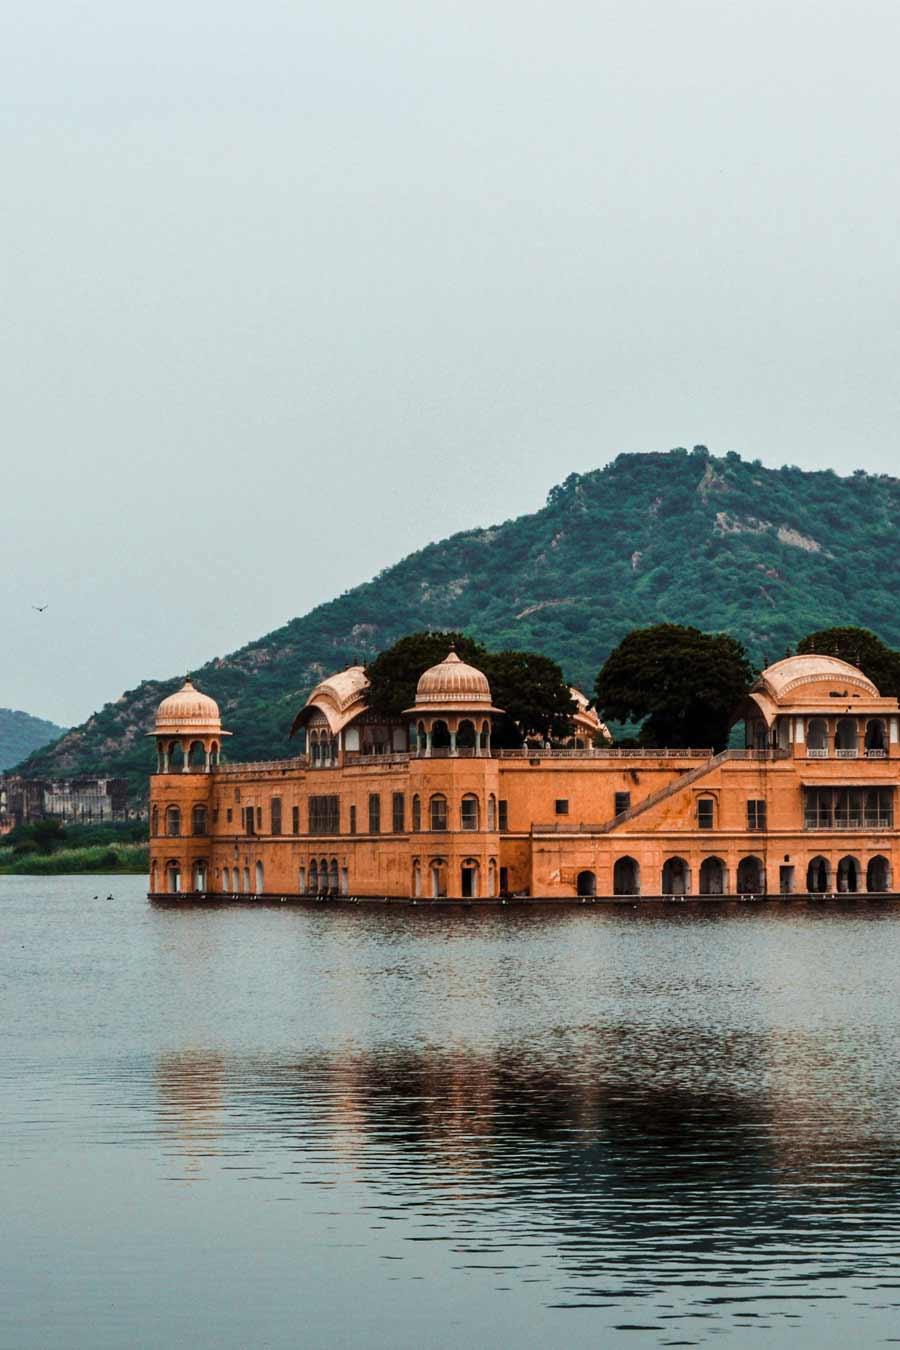 India-Jaipur-the-Floating-Palace